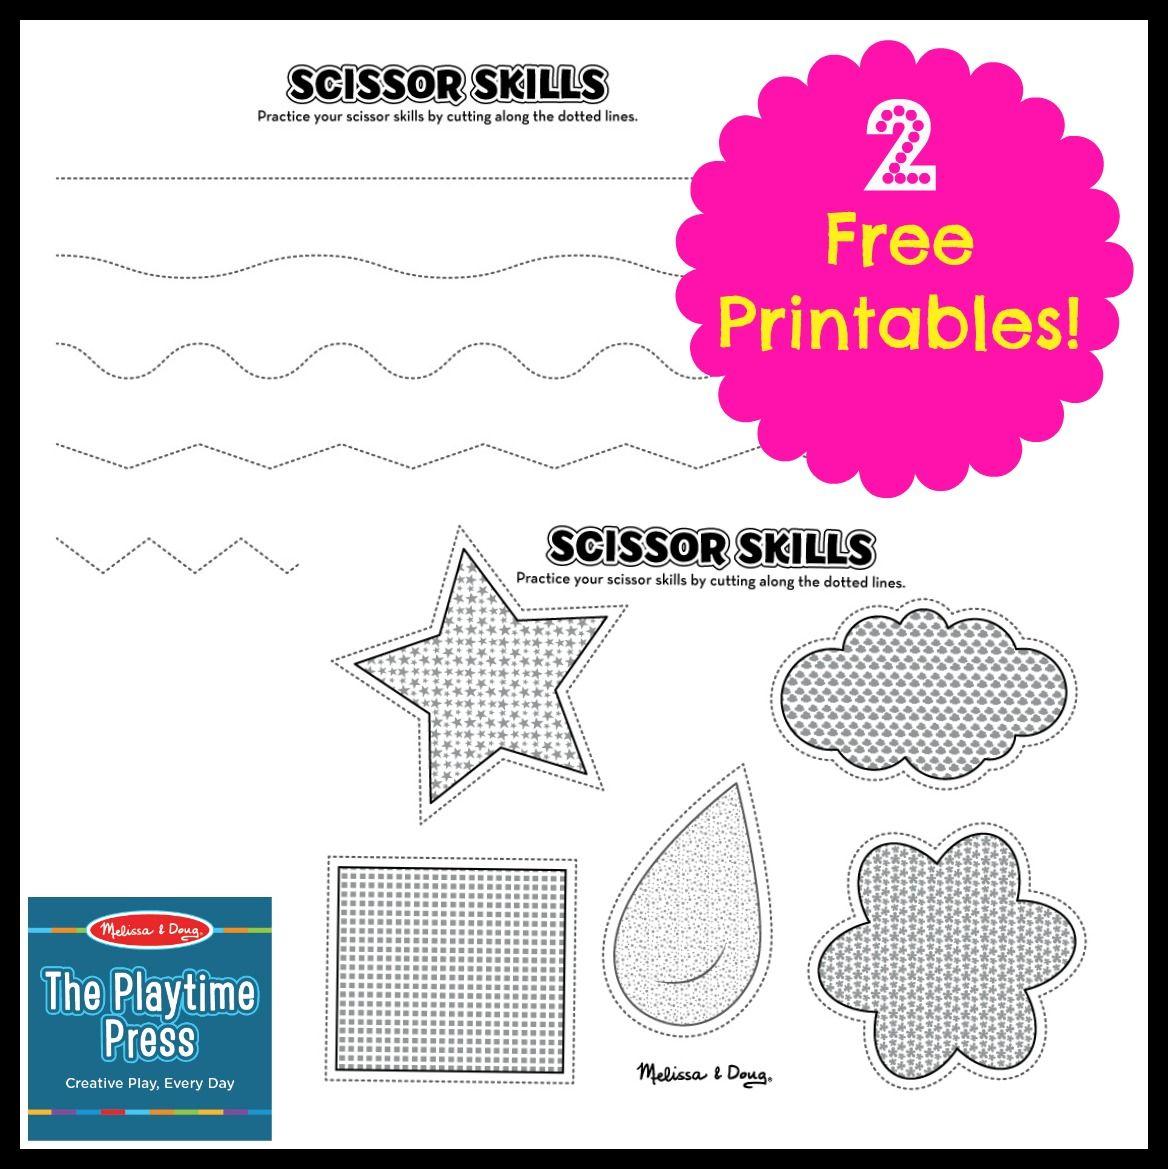 worksheet Scissor Skills Worksheets 2 scissor skills printables for kids ot pre writingscissor free worksheets kids